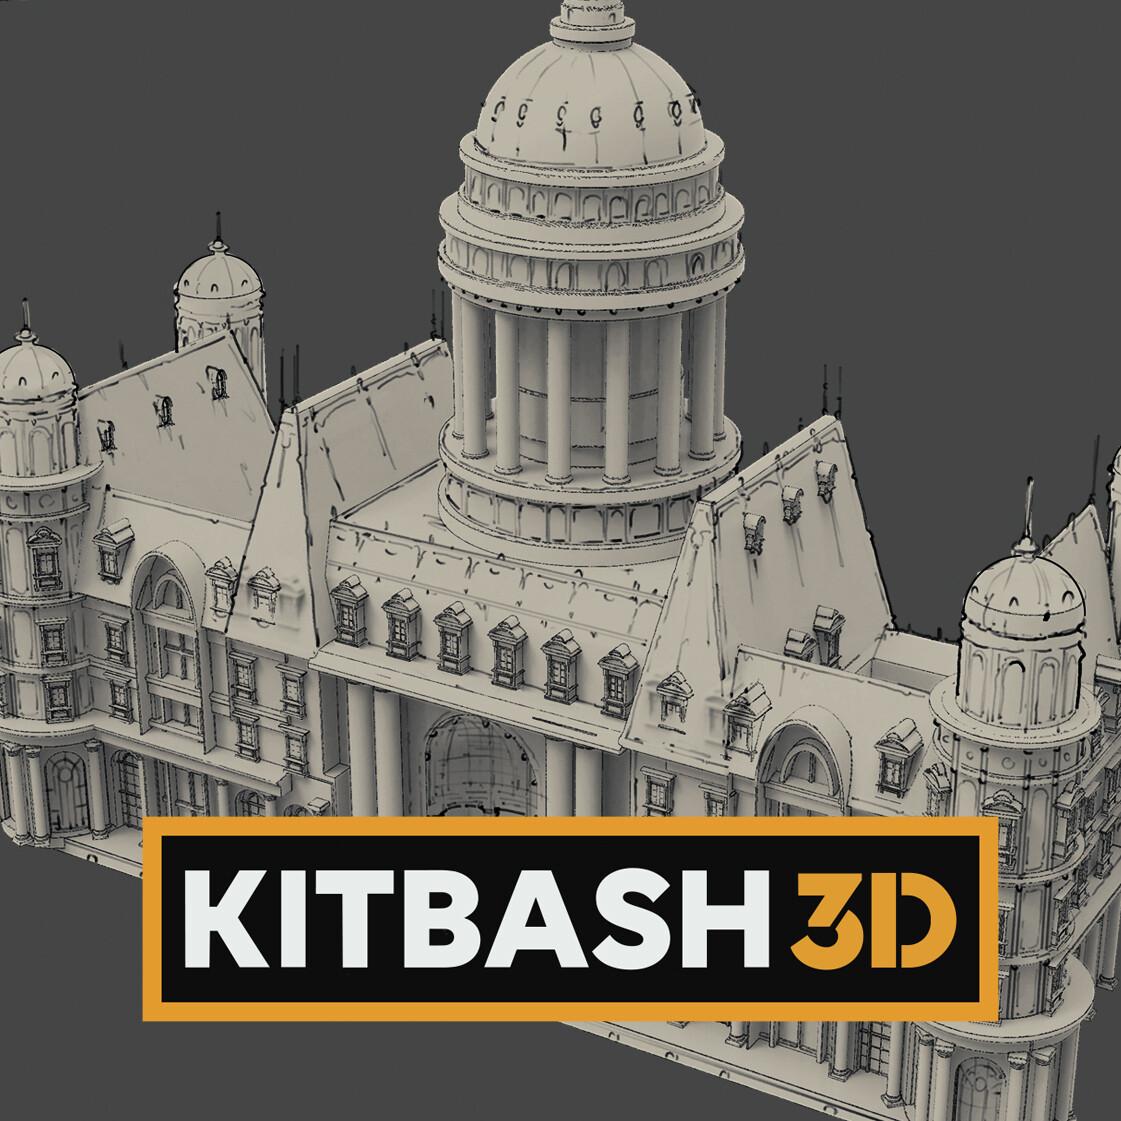 Kitbash3d Parisian